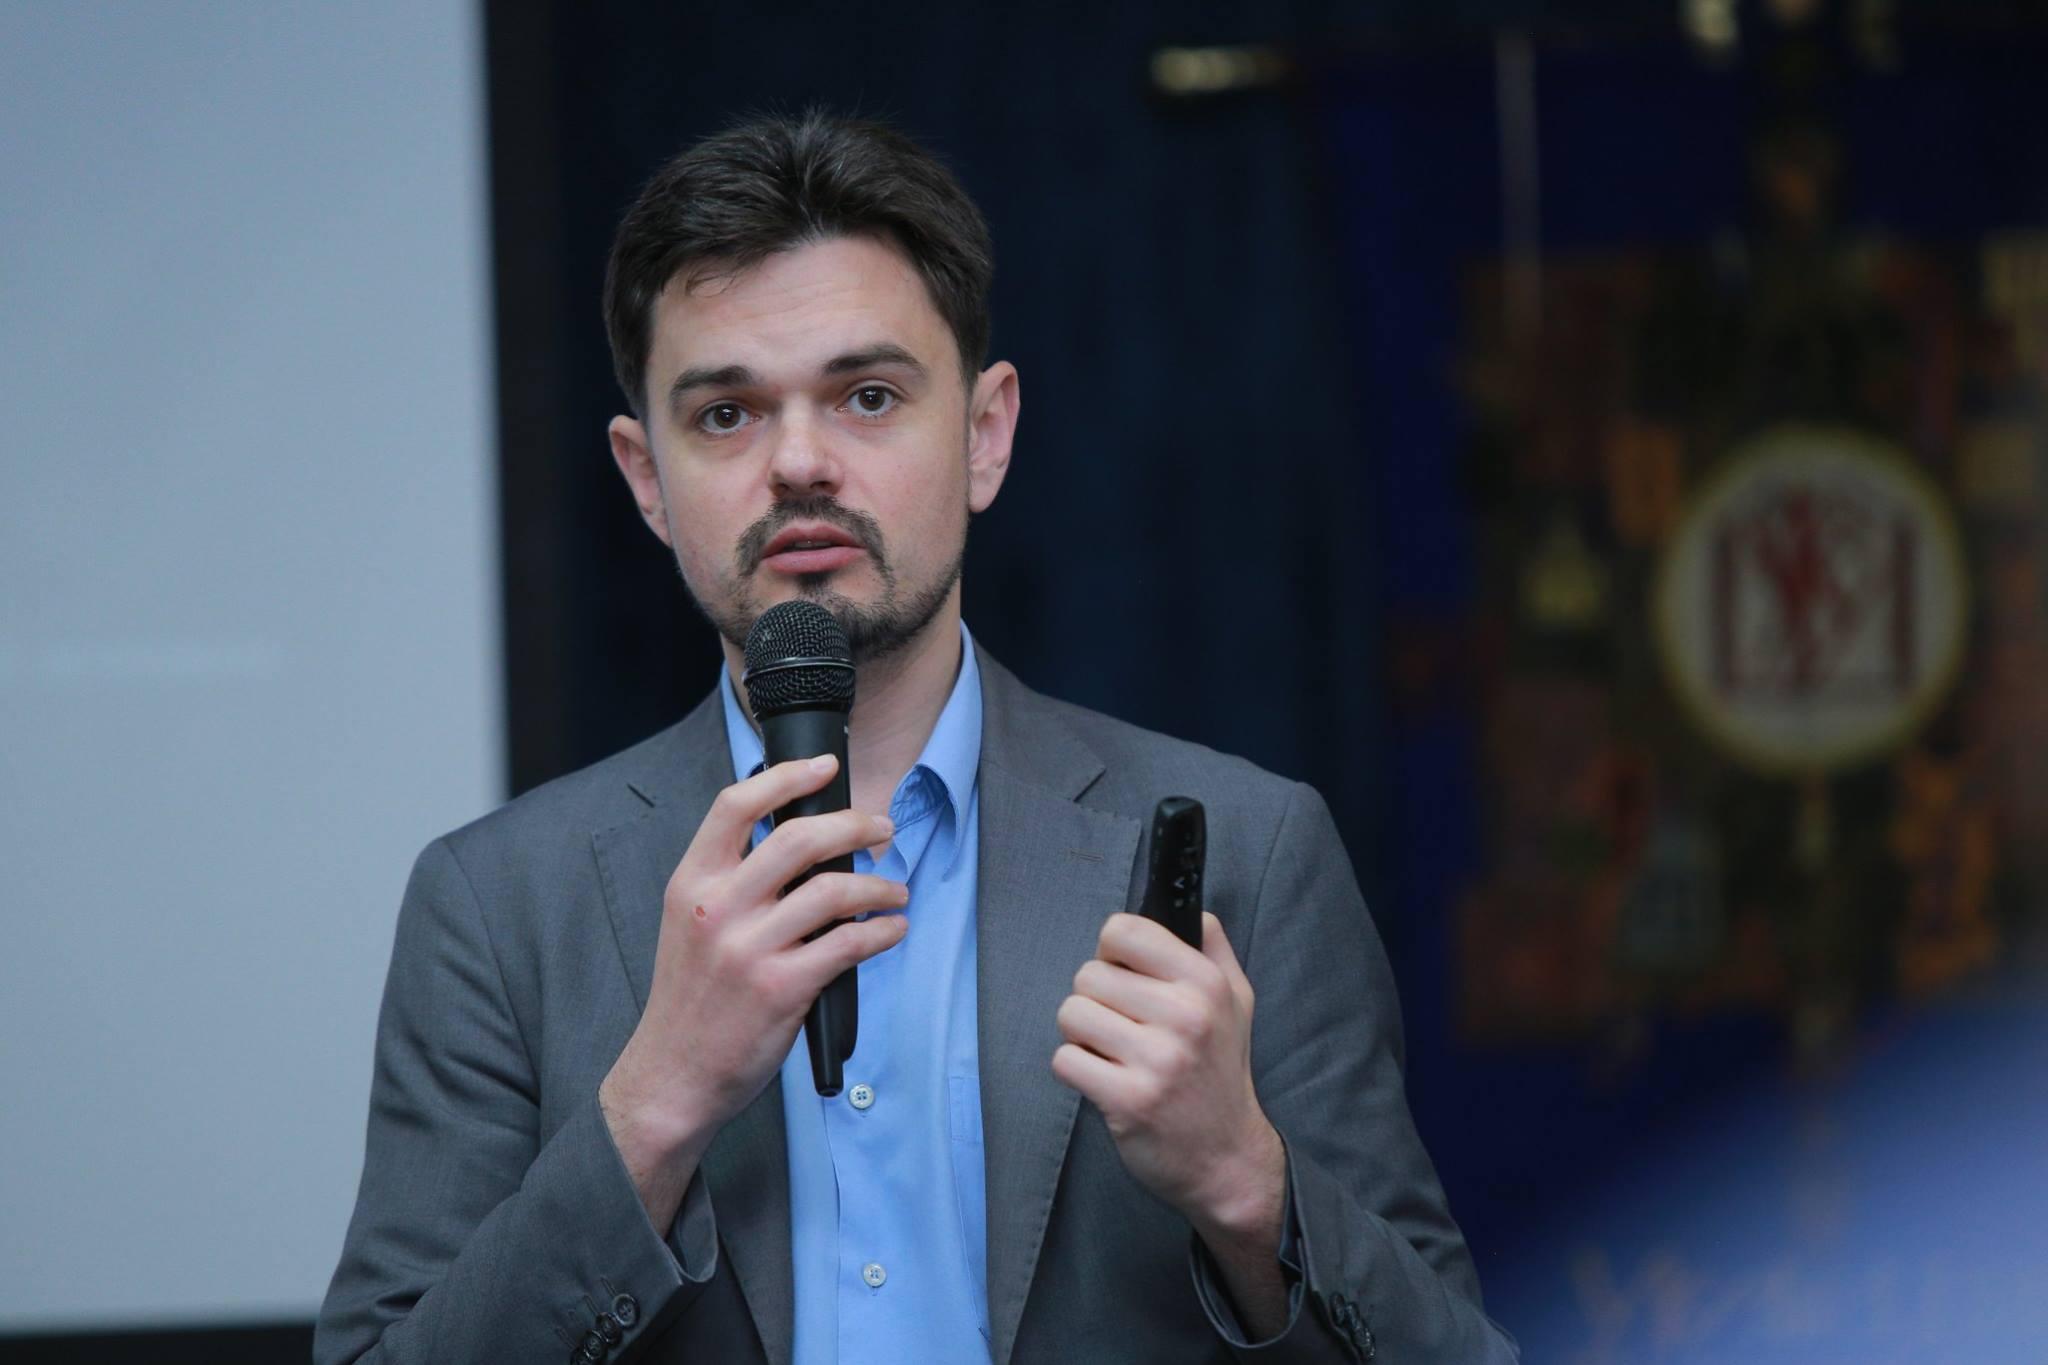 Заместитель министра информационной политики Украины Дмитрий Золотухин / Источник: Facebook